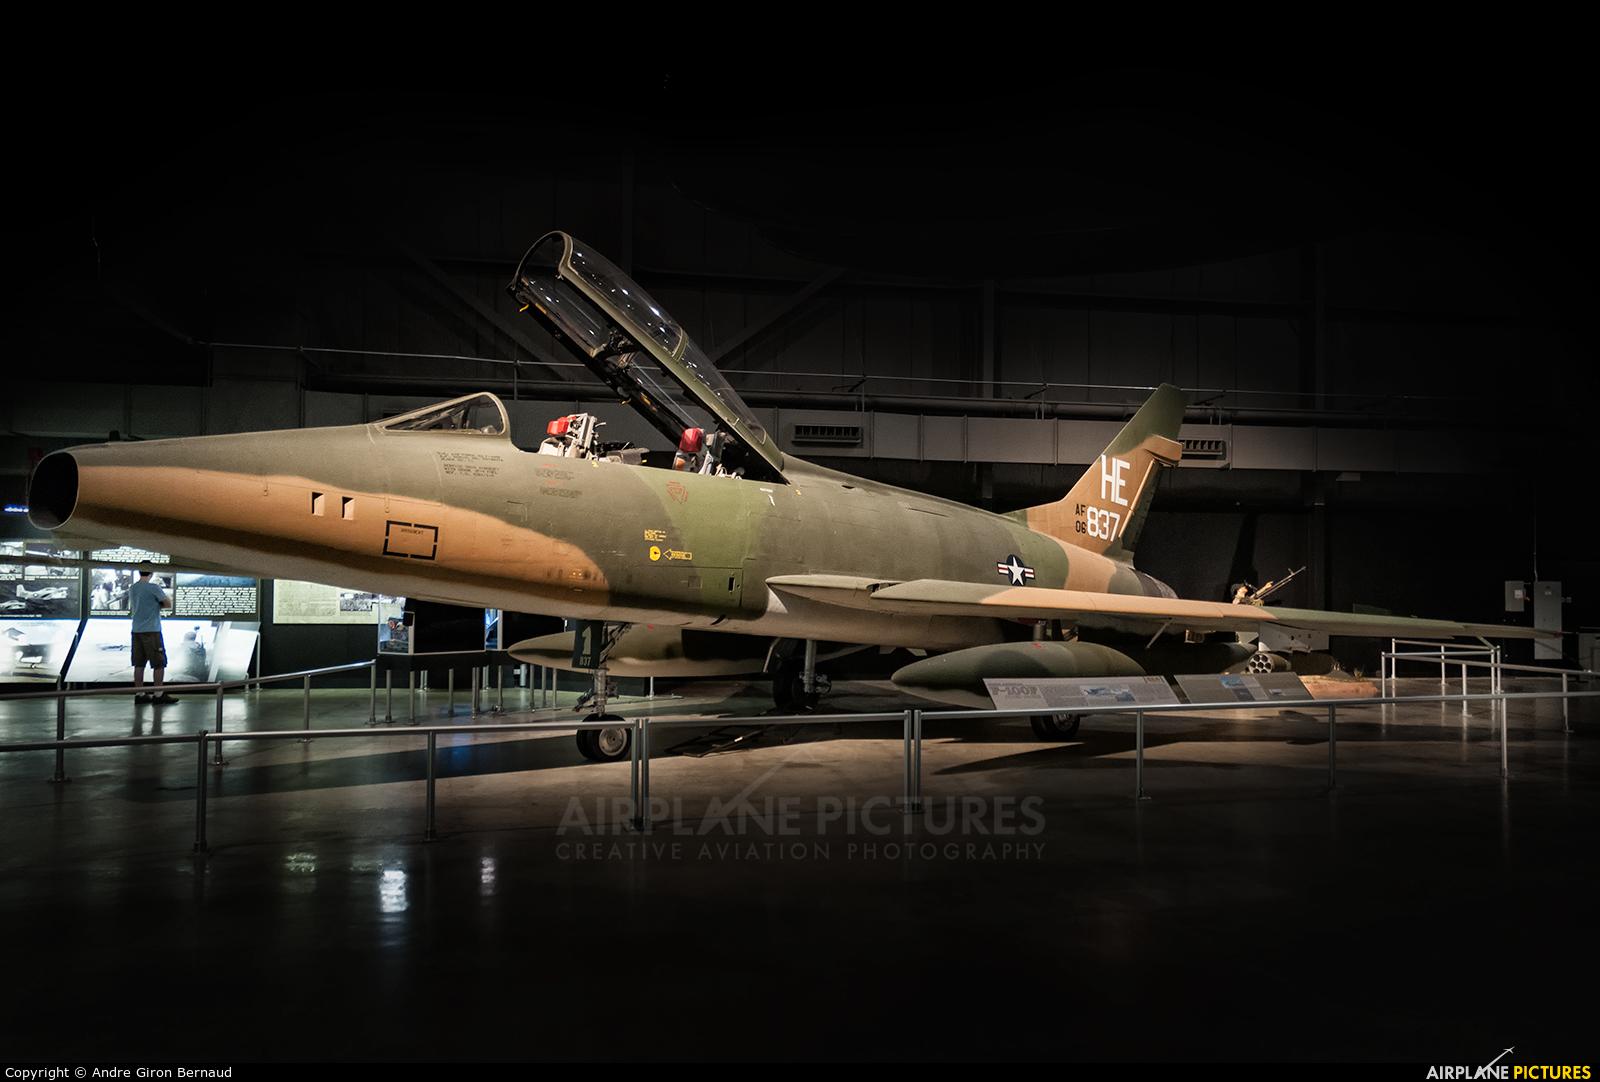 USA - Air Force 56-3837 aircraft at Wright-Patterson Air Force Base